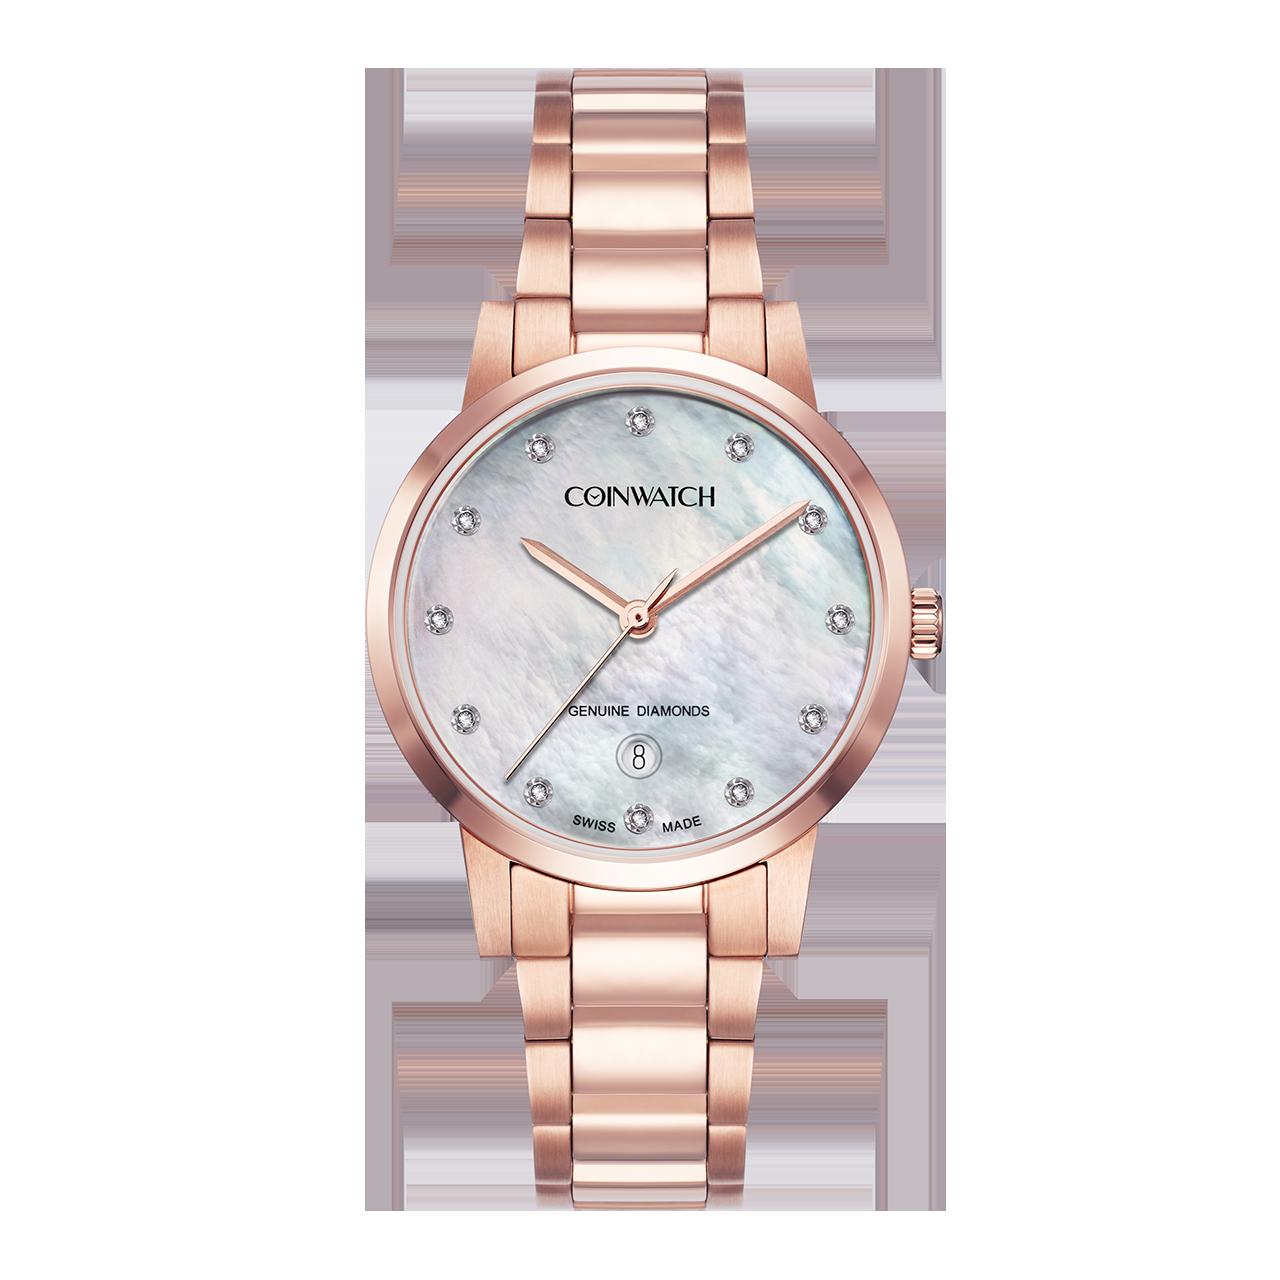 ساعت مچی عقربه ای زنانه کوین واچ مدل C180RWH 13